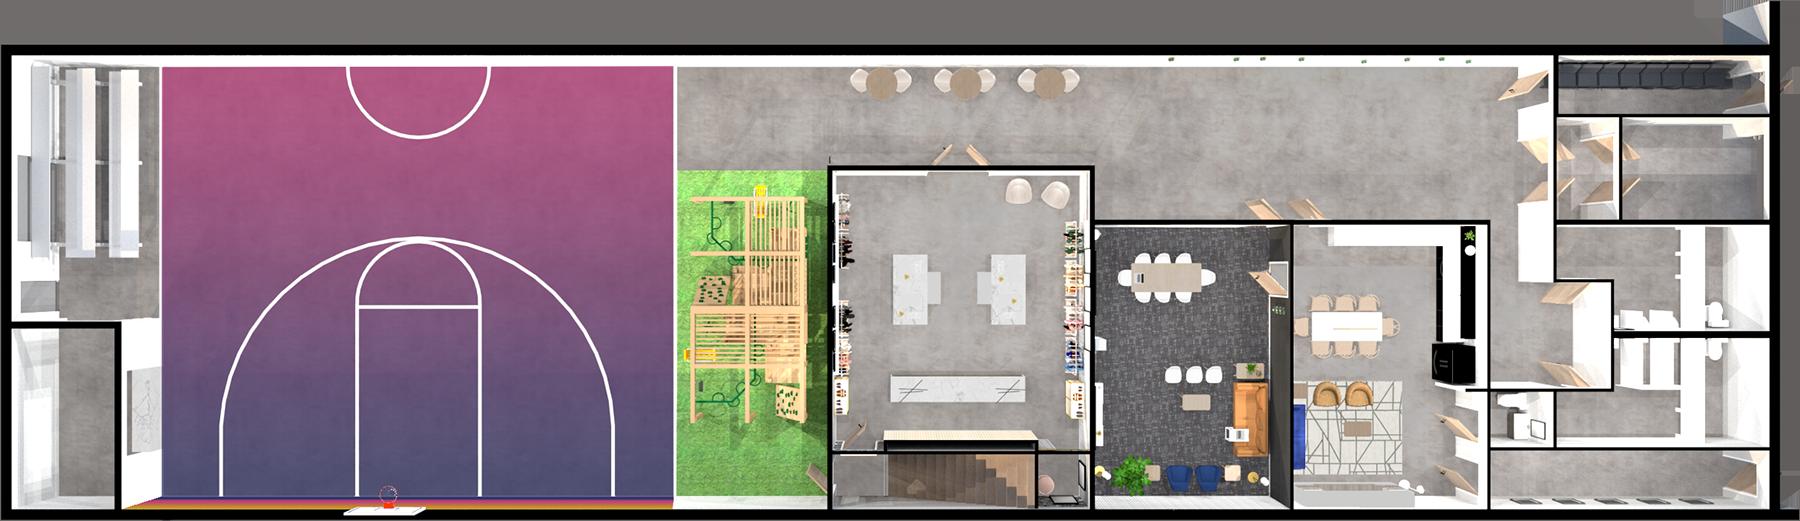 Building floor plan rendering